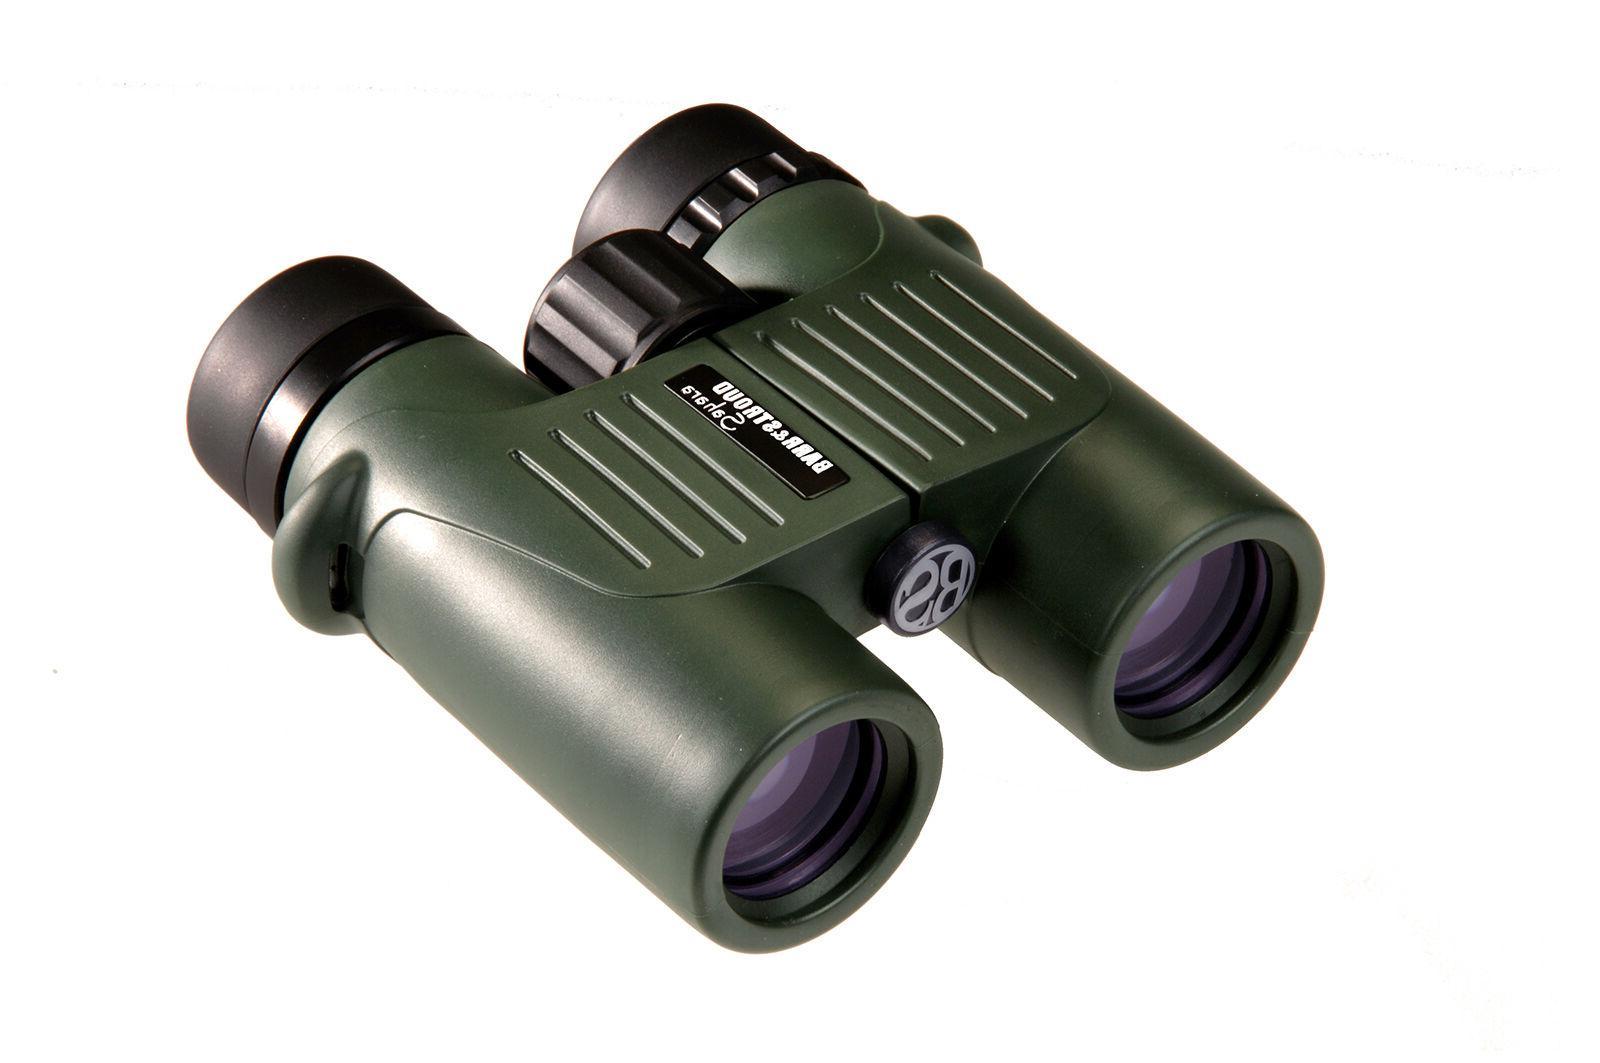 Barr Sahara 8x32 Binocular 10 Year Warranty